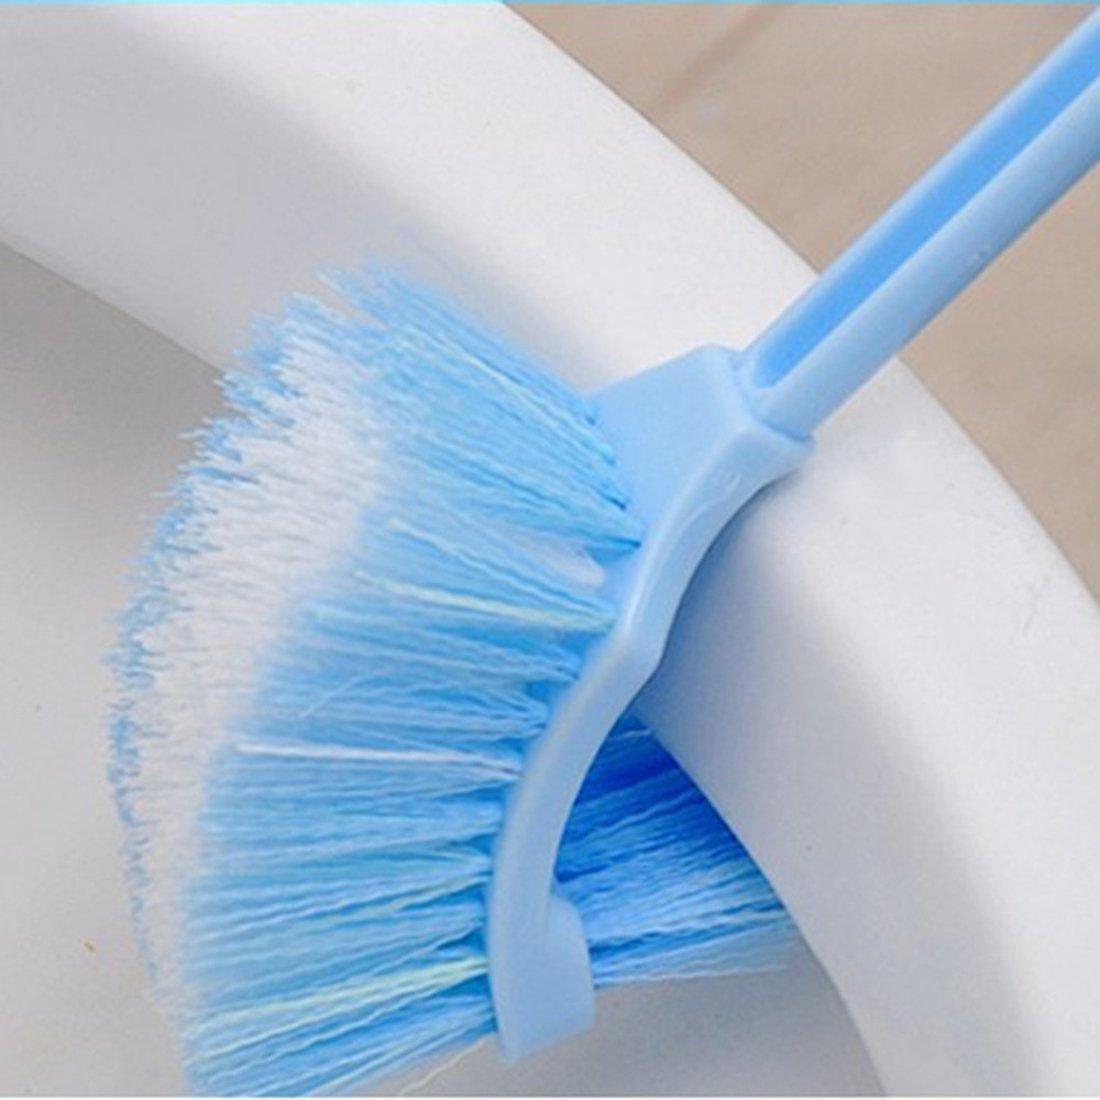 azul luwu inodoro bewegliches Cepillo pl/ástico Mango Cuenco Scrub Double Sided ba/ño cepillo de limpieza pl/ástico